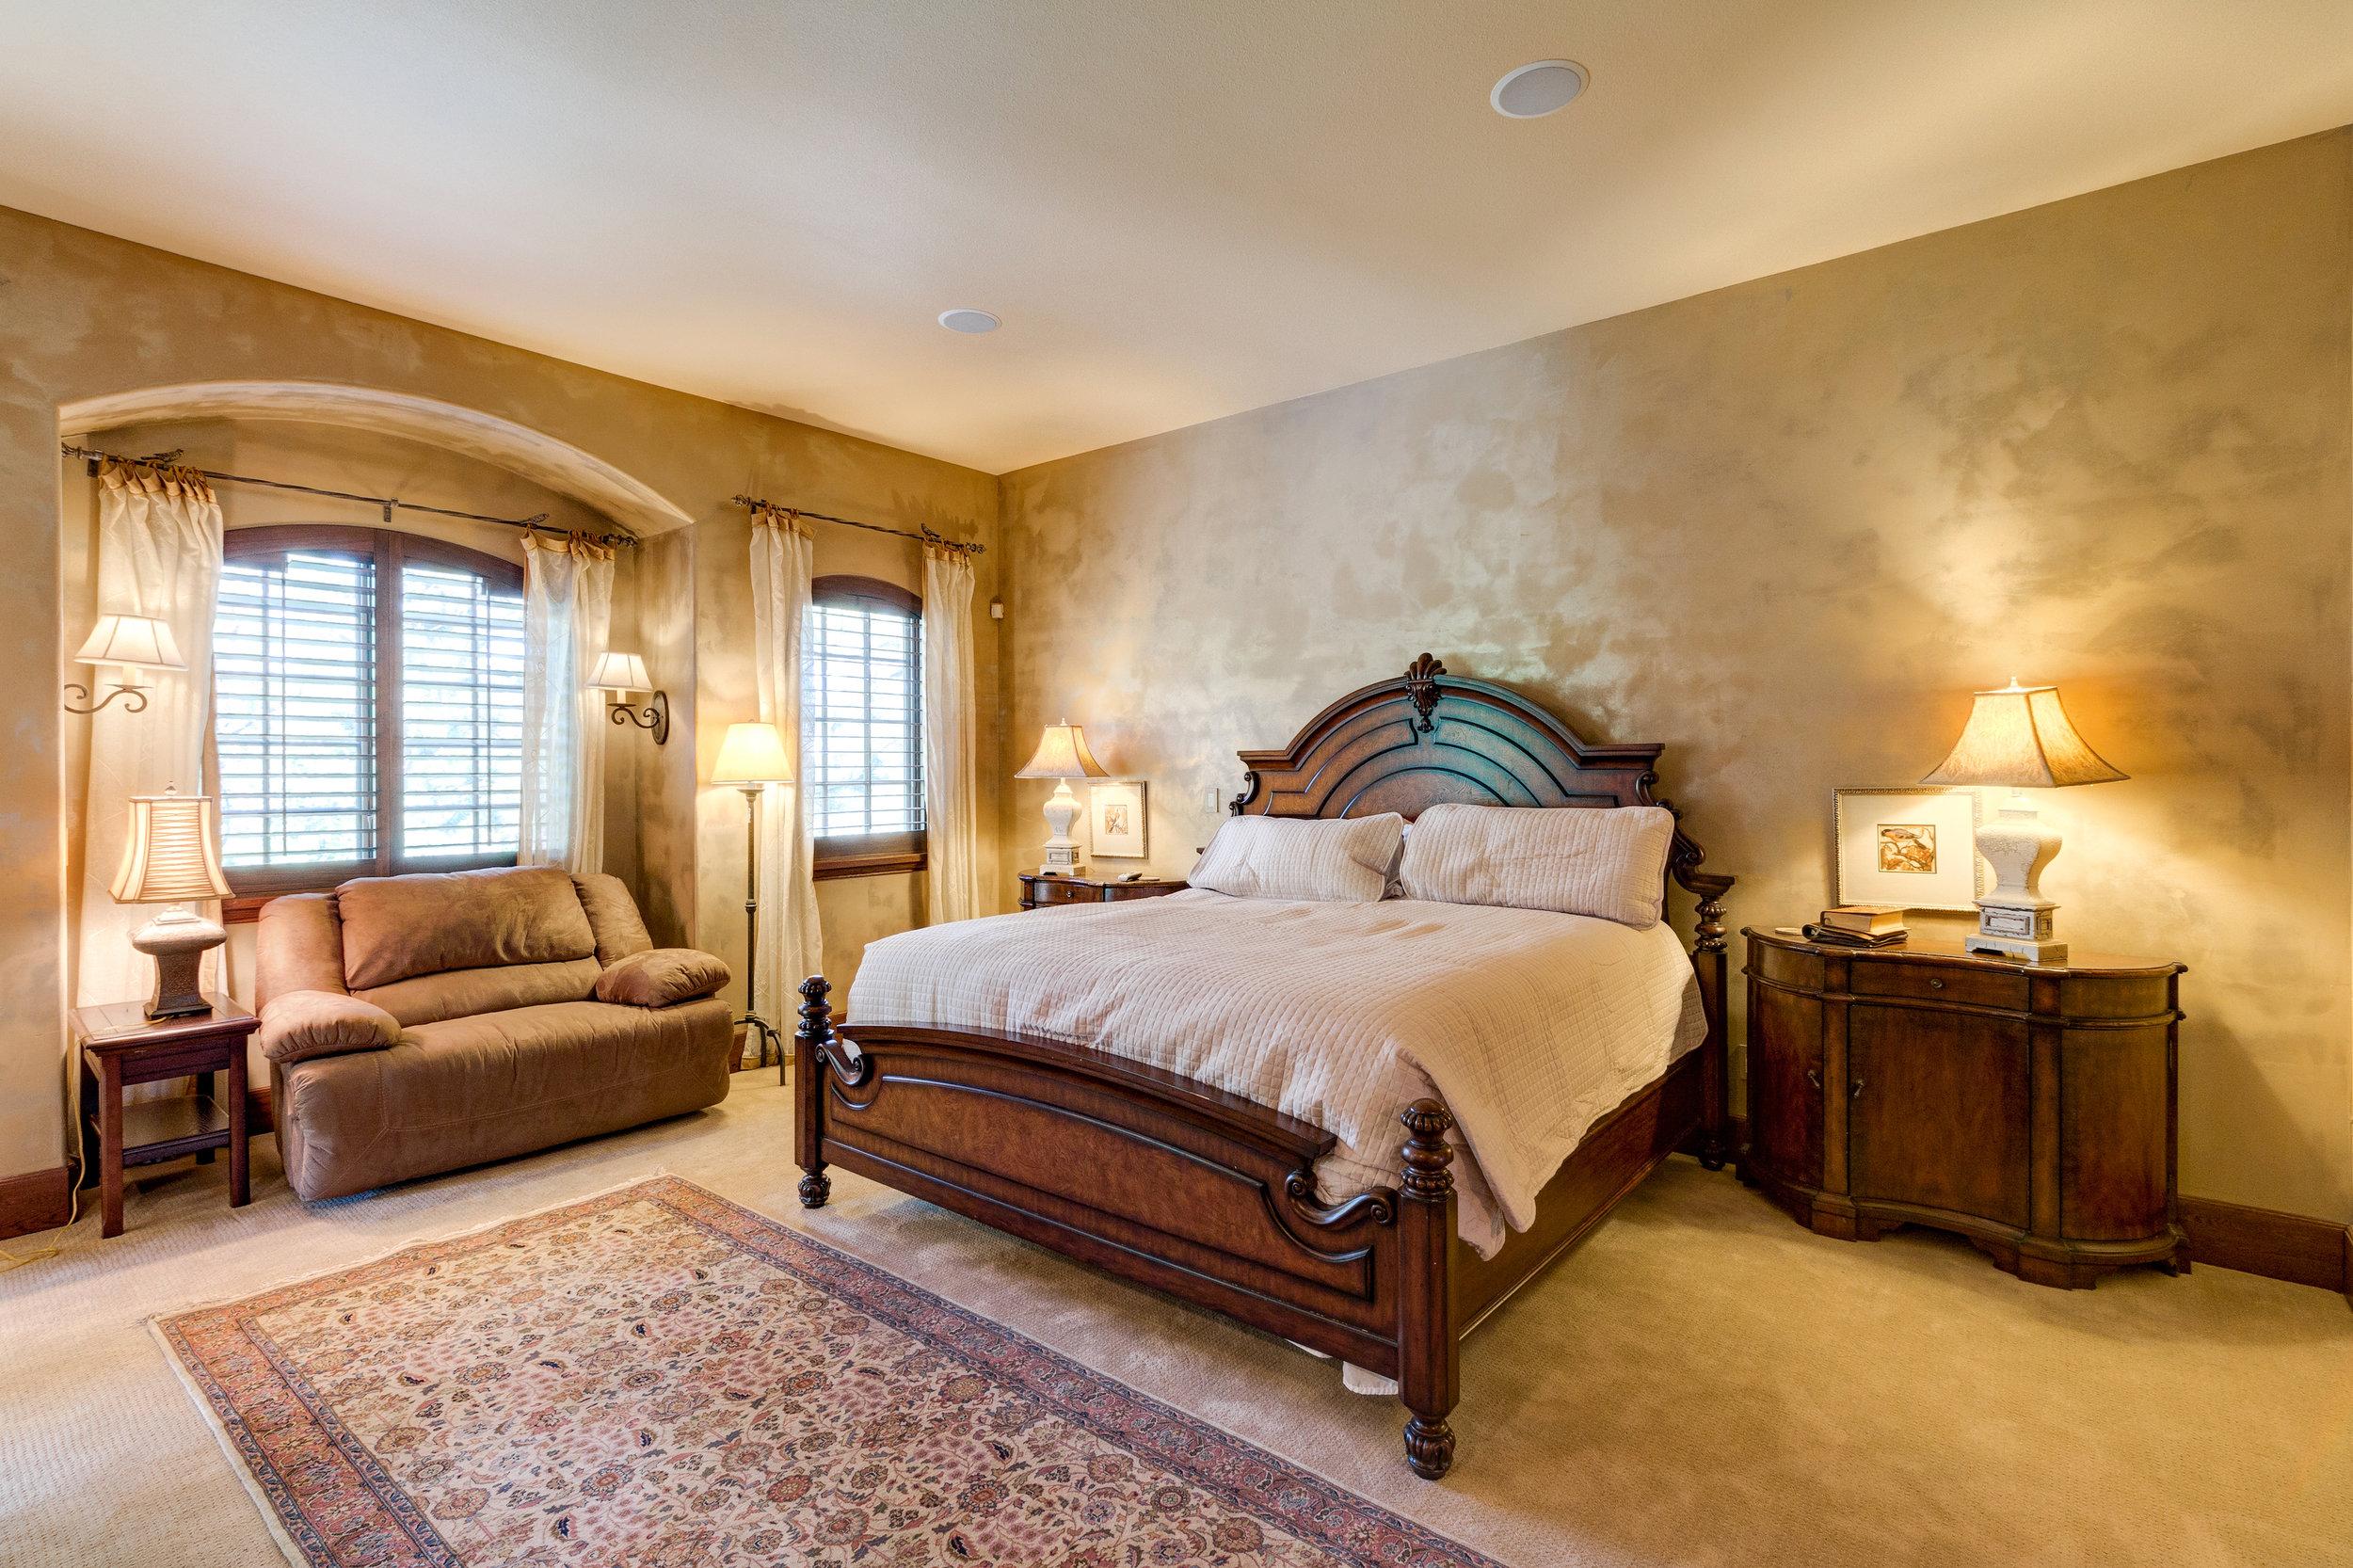 17-Master Bedroom.jpg